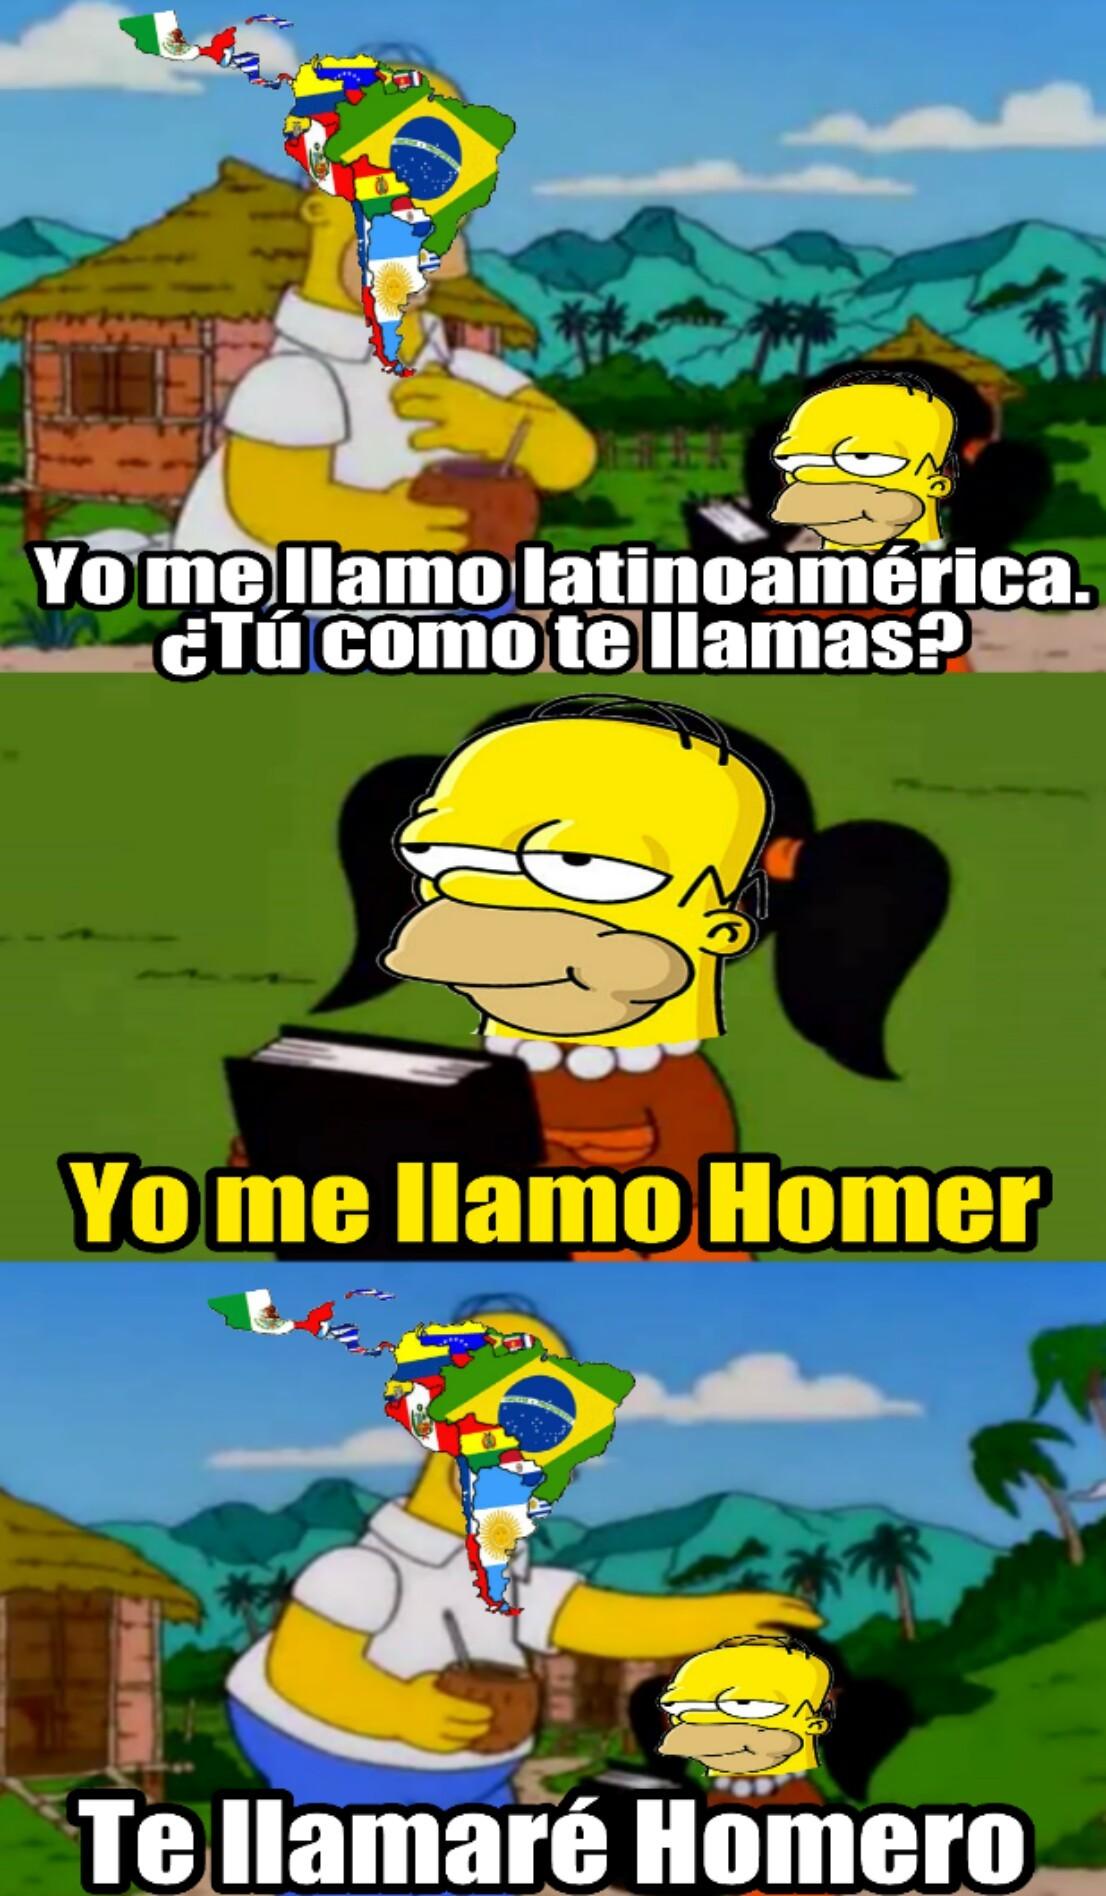 Yo soy latino pero sé que es Homer y no Homero - meme